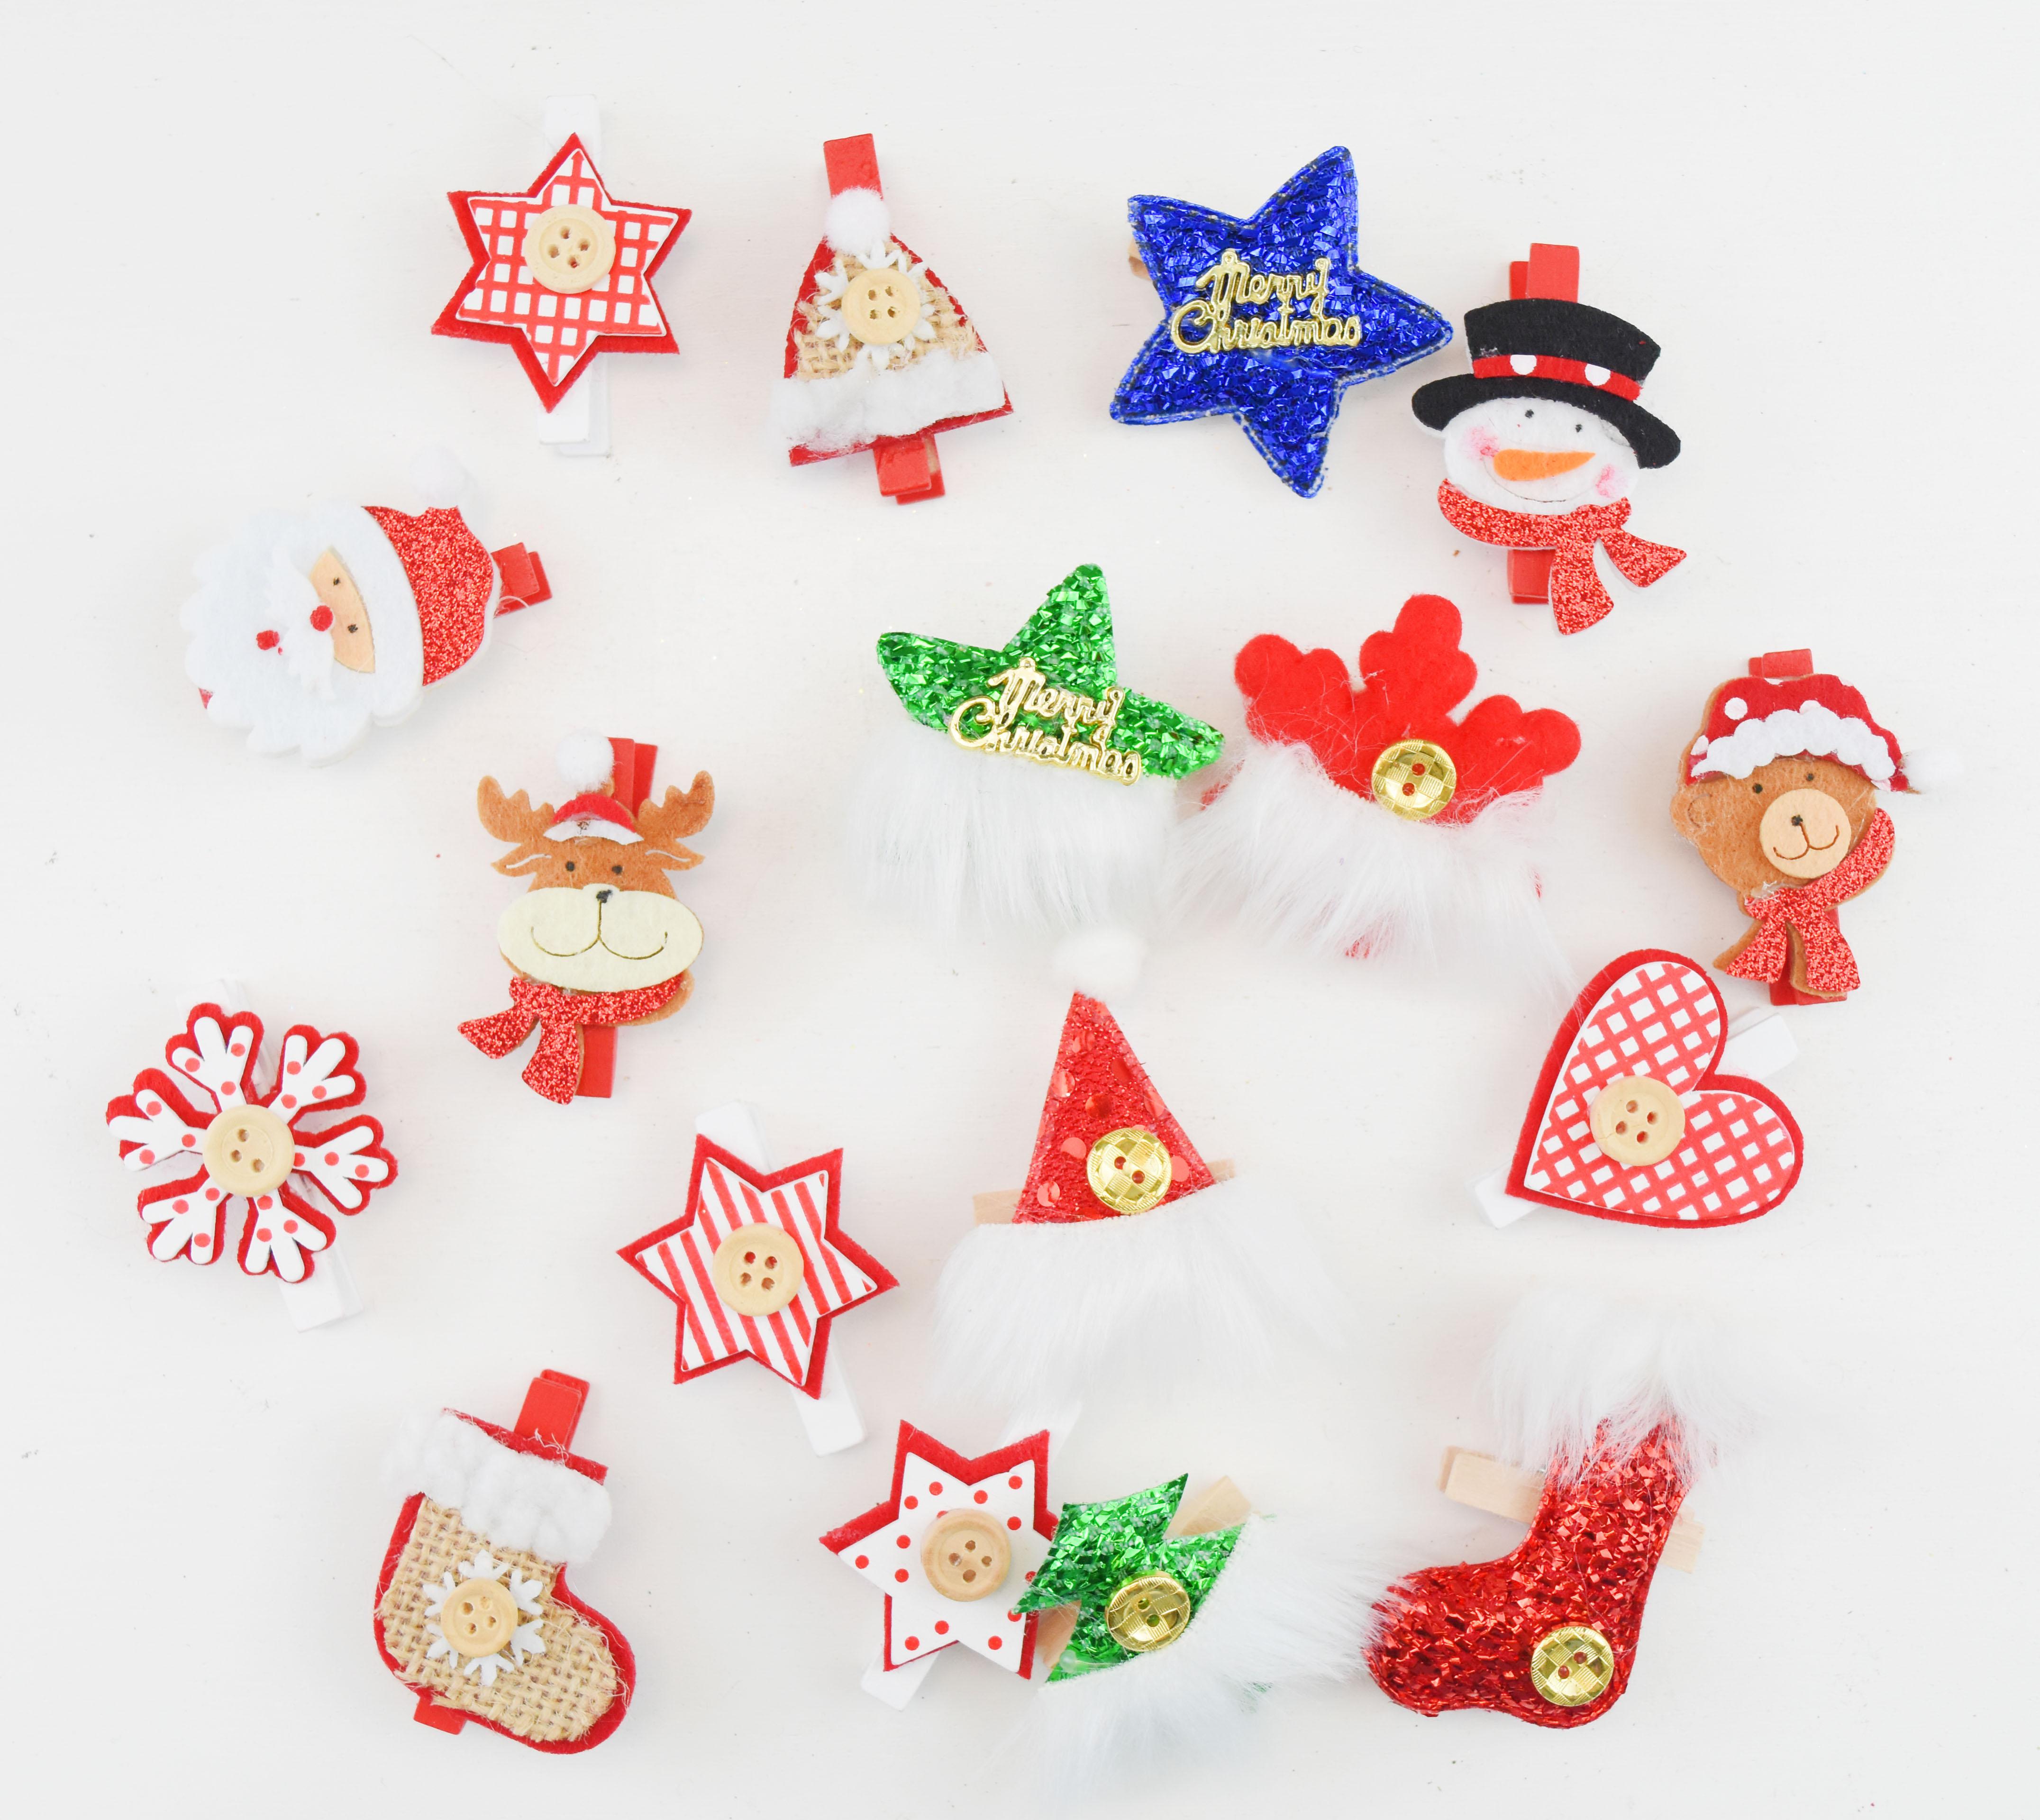 X射線【X021060】聖誕小夾子11款(3入)任選只要39元,聖誕節/聖誕佈置/聖誕掛飾/聖誕裝飾/聖誕吊飾/聖誕小物/木夾子